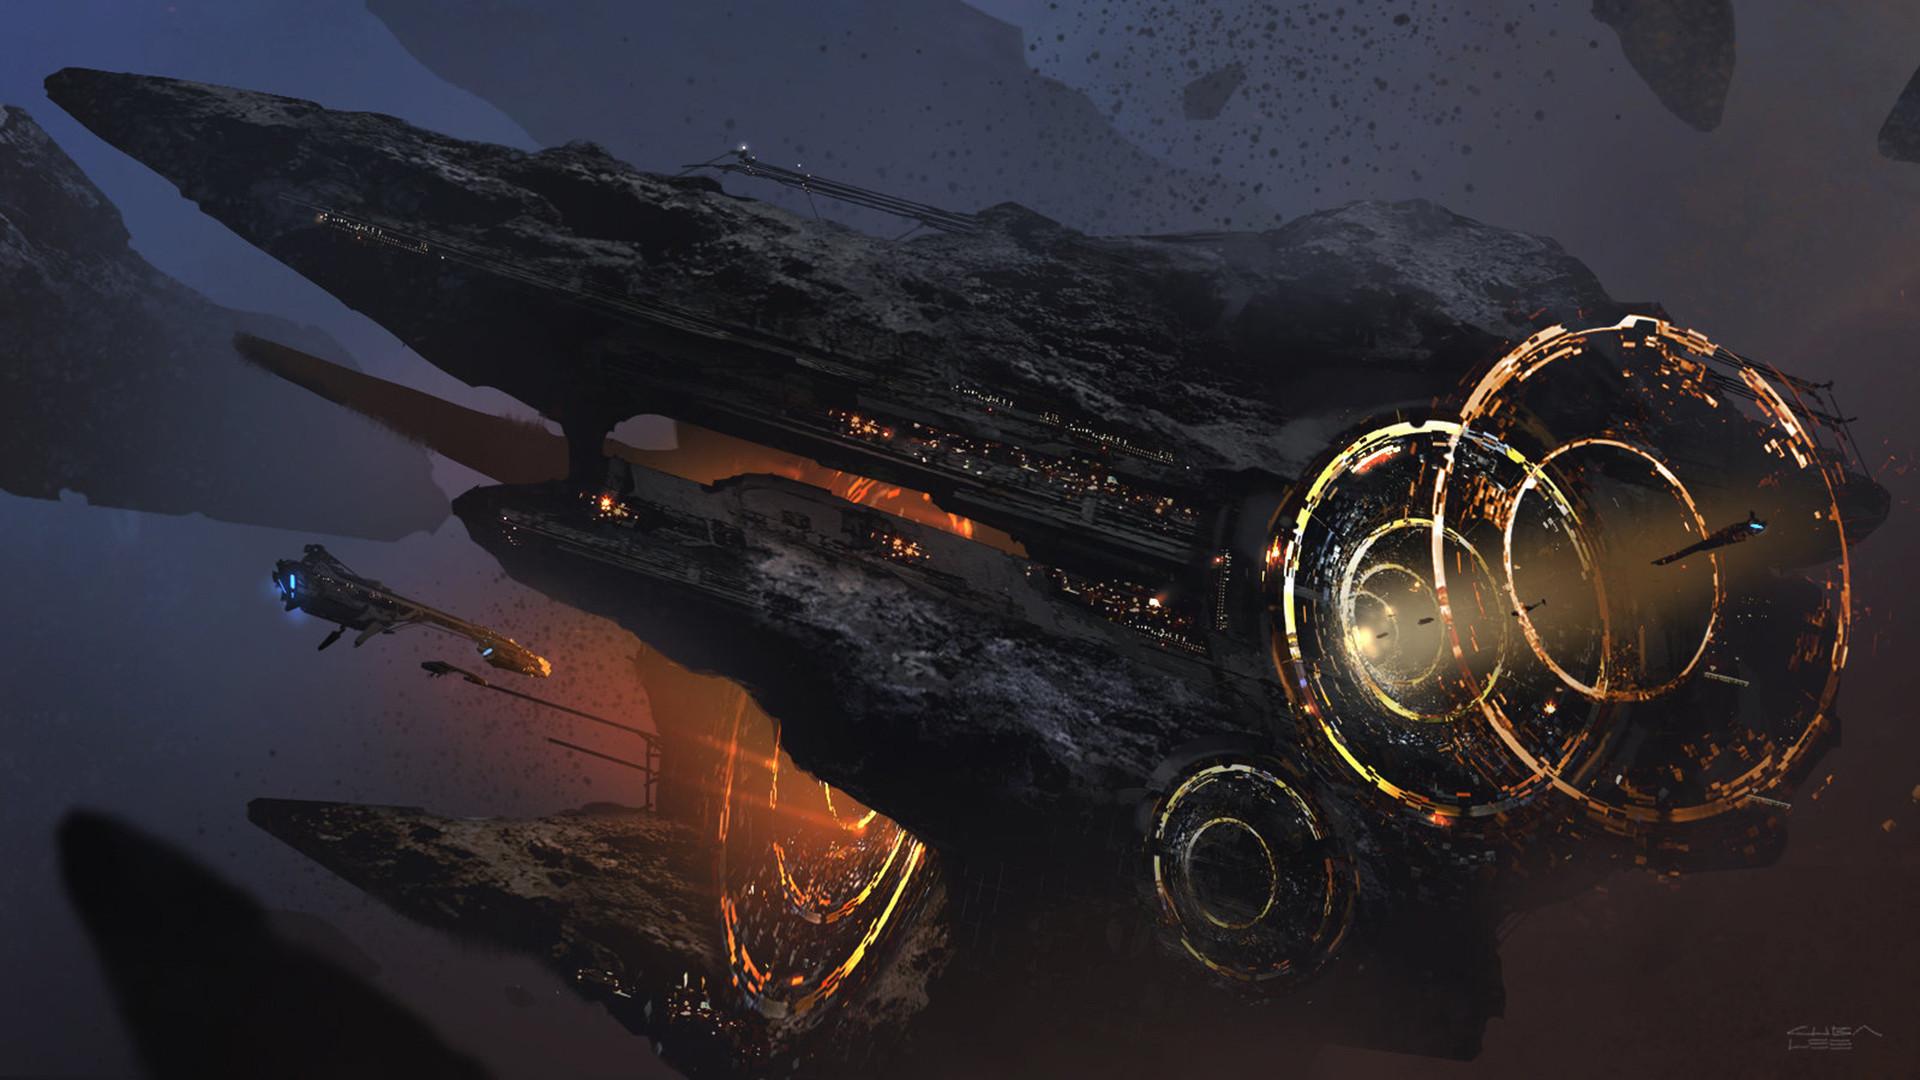 Sci-fi Wallpaper Addendum 5